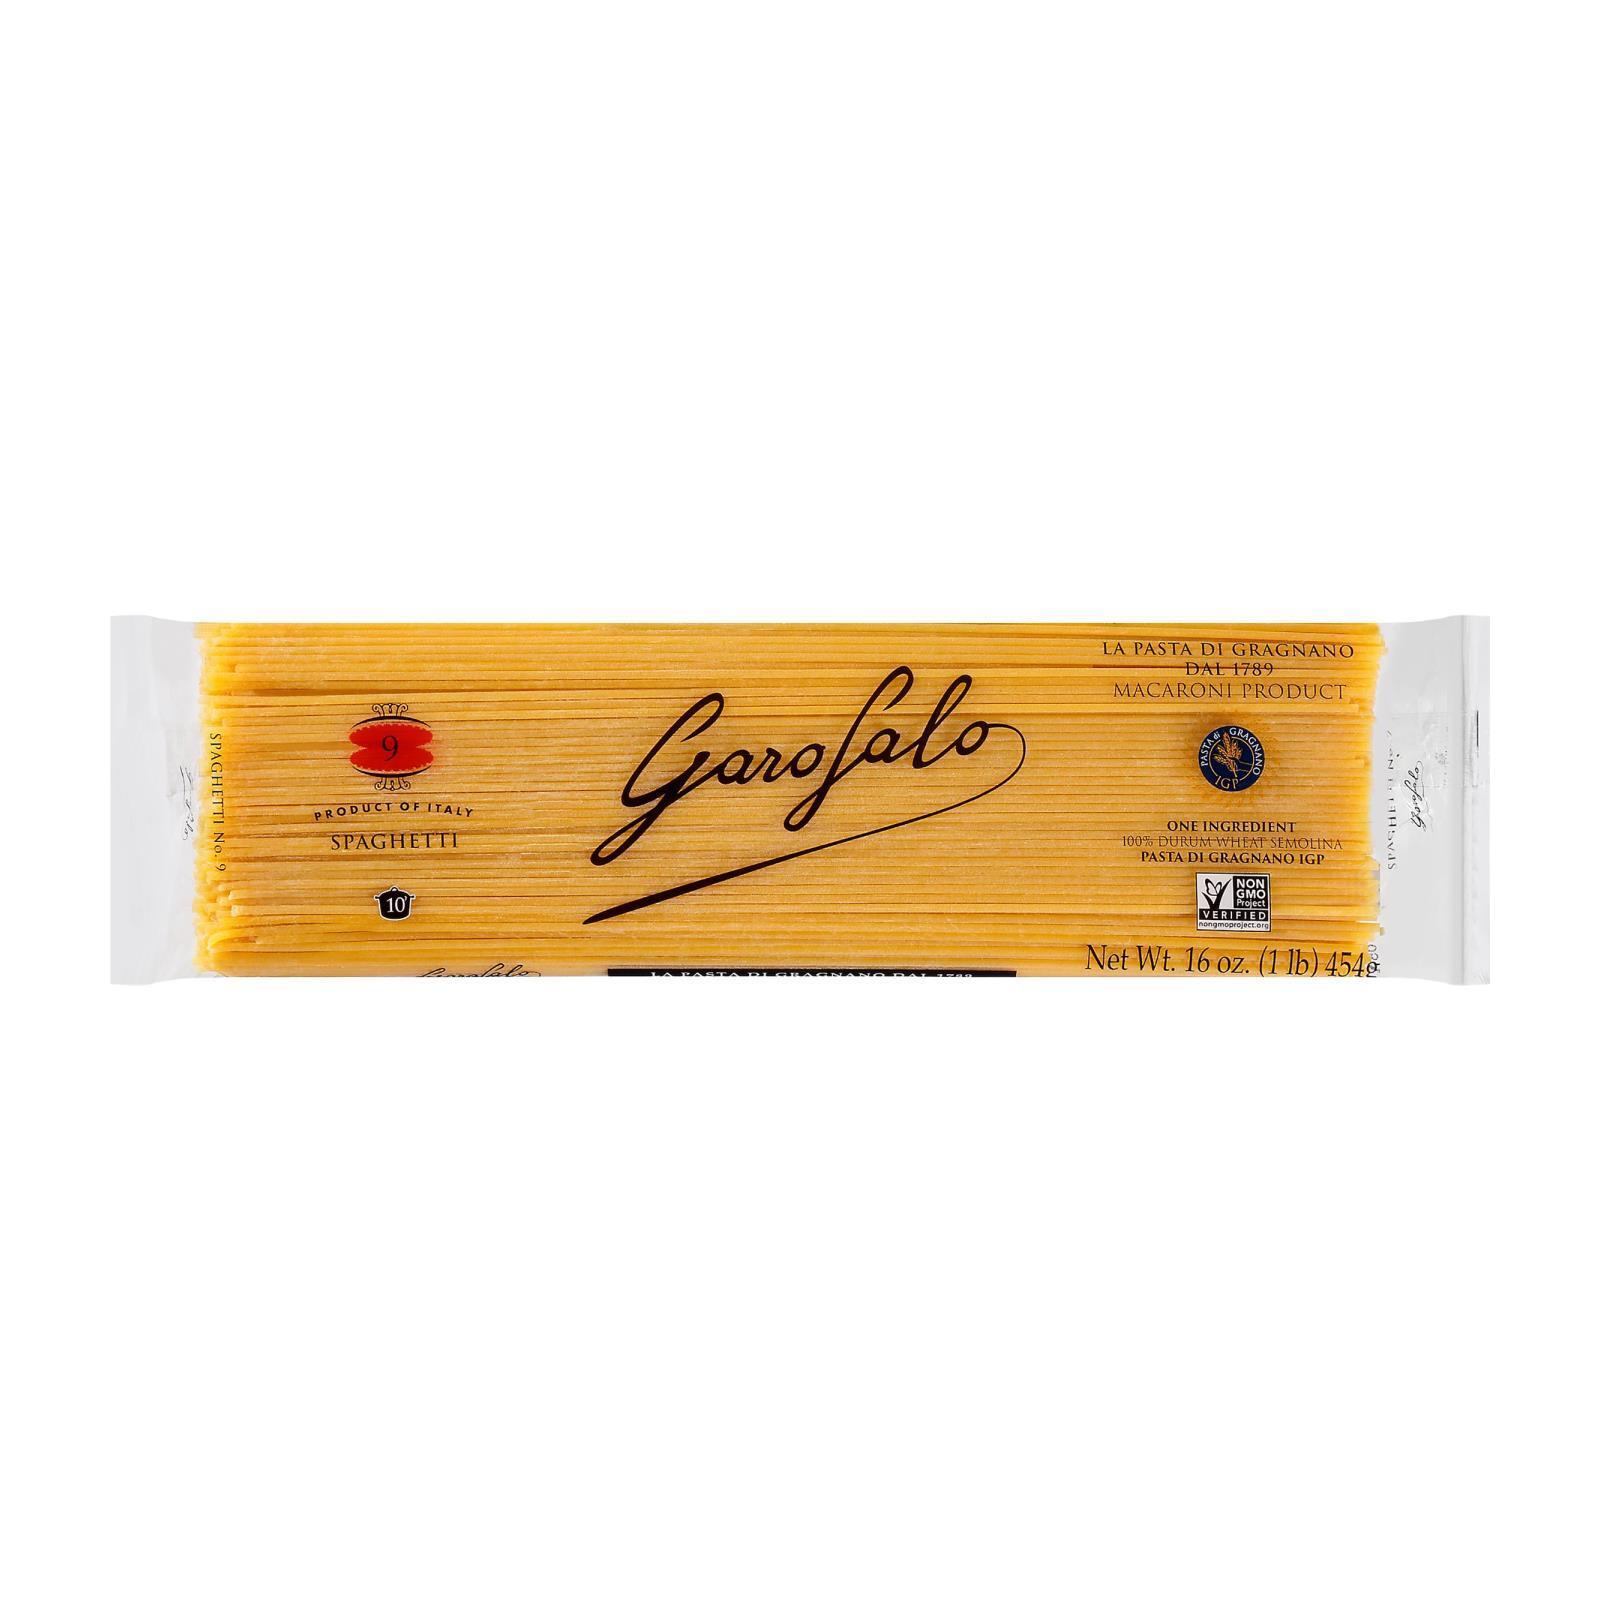 Garofalo Pasta - Spaghetti - Case of 20 - 16 oz